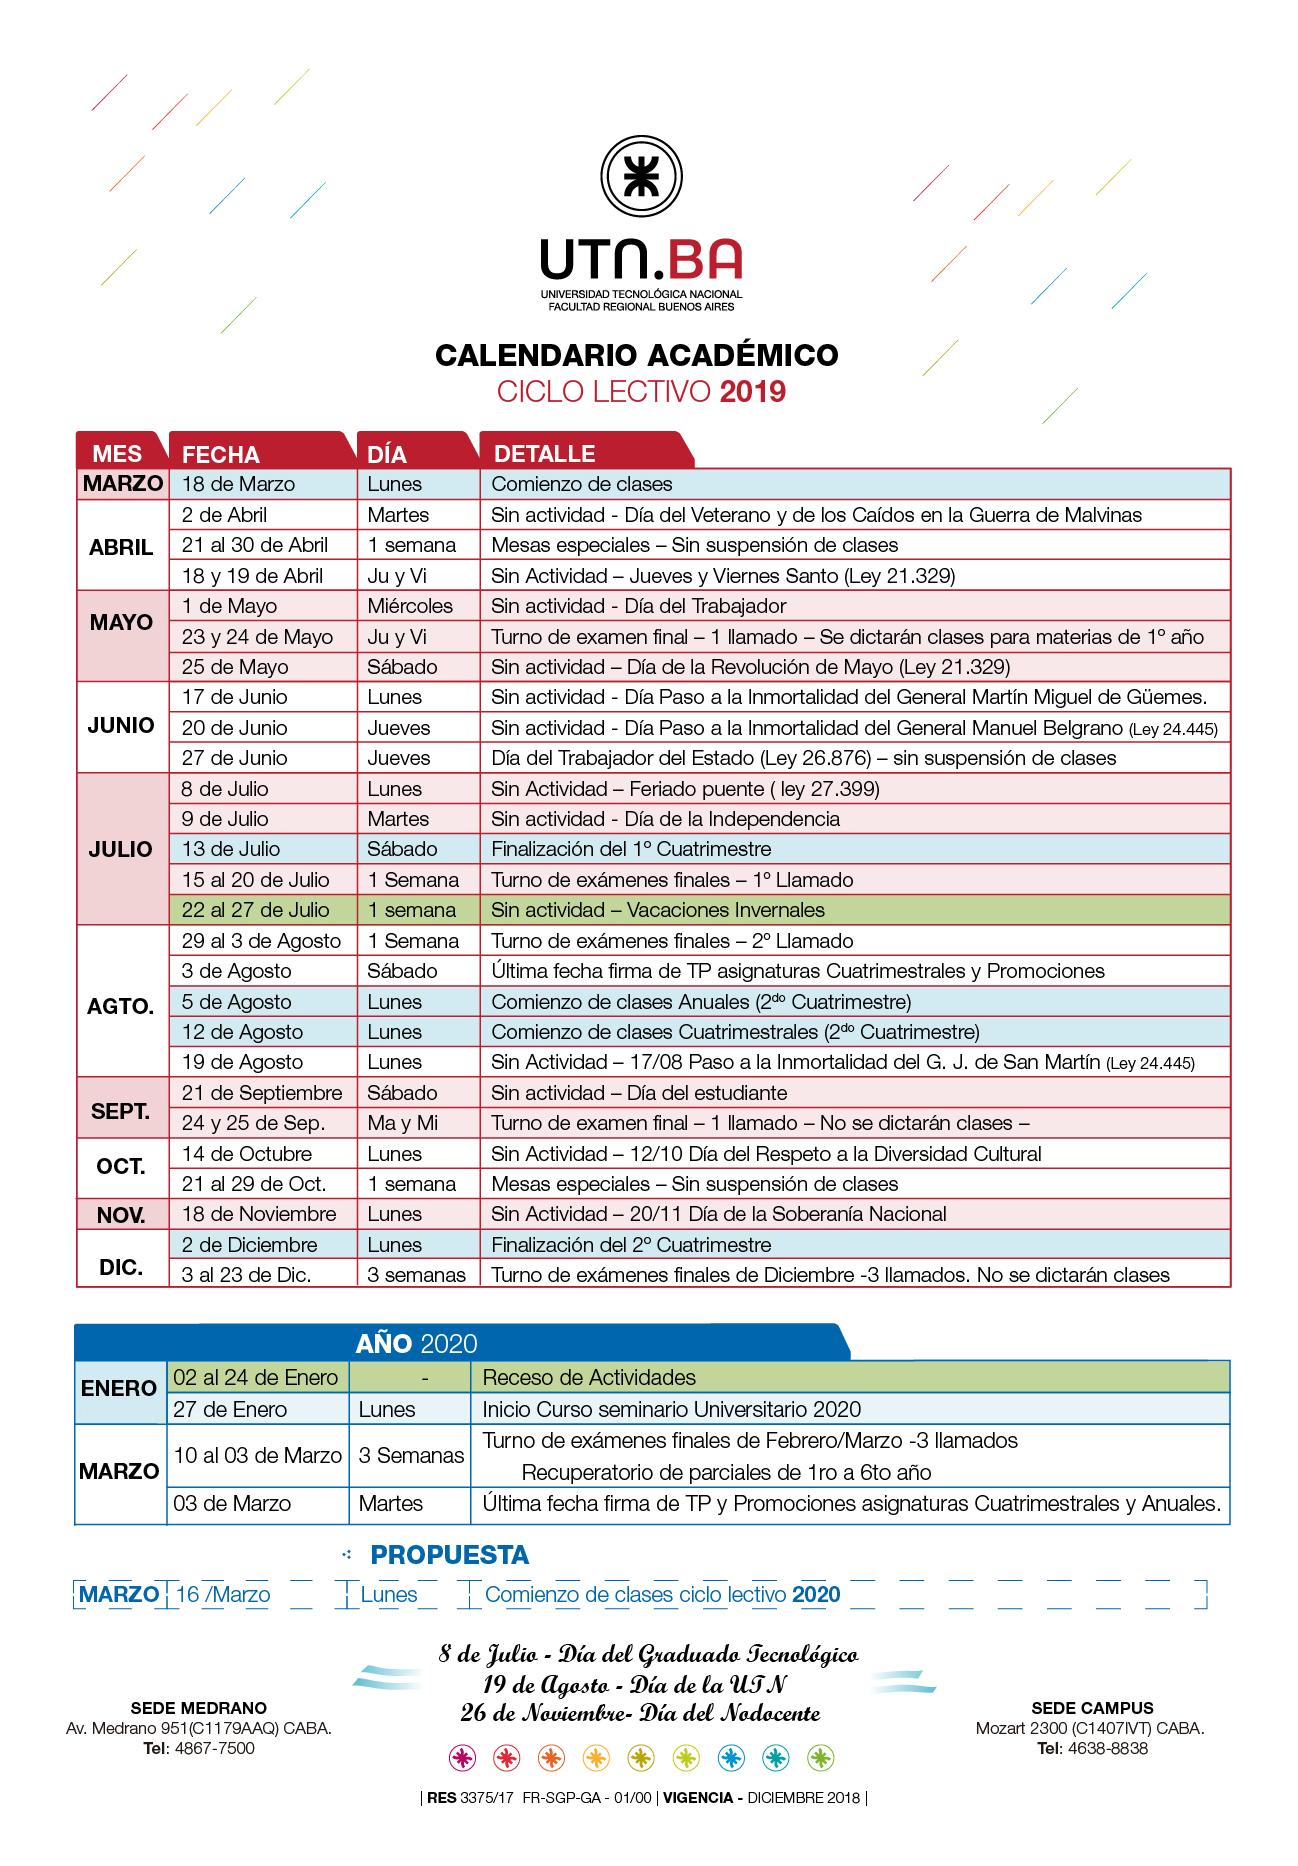 Calendario Agosto 2020 Argentina.Calendario Academico Utn Ba